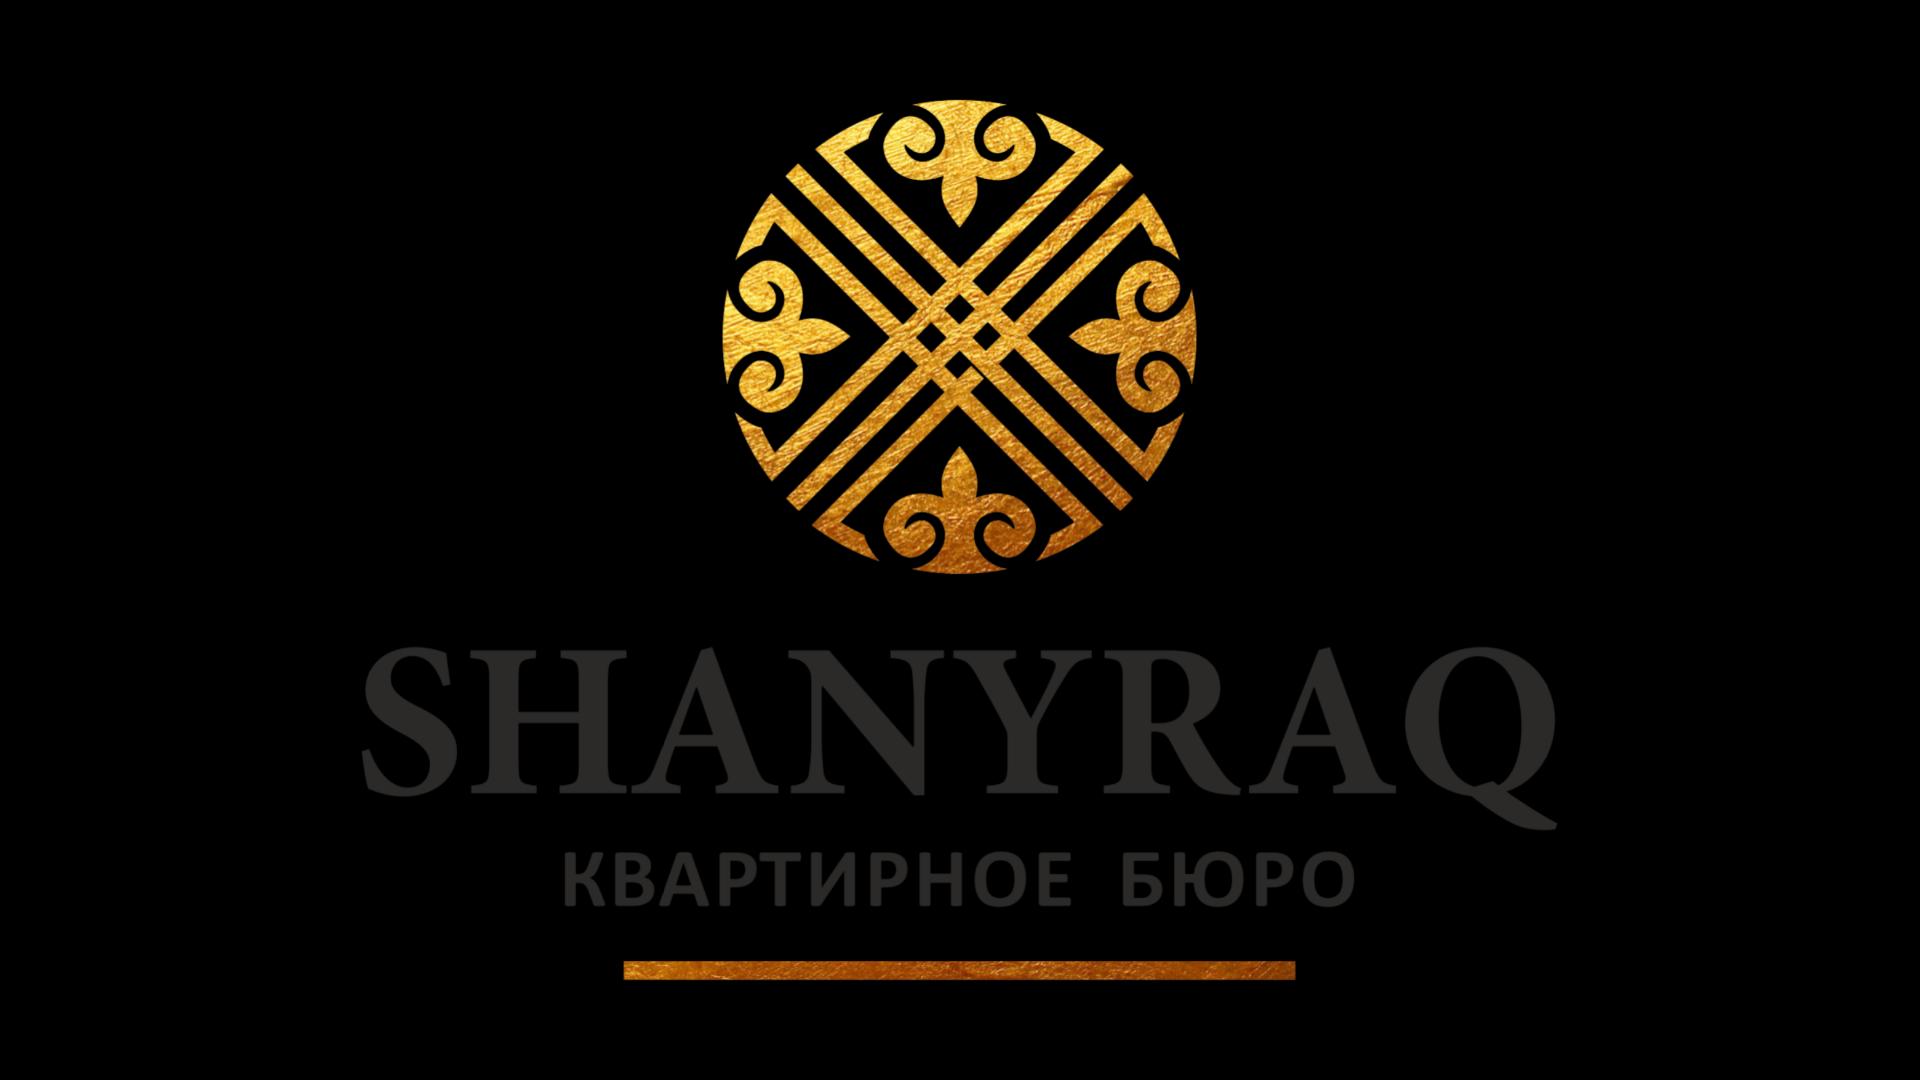 Квартирное Бюро Shanyraq